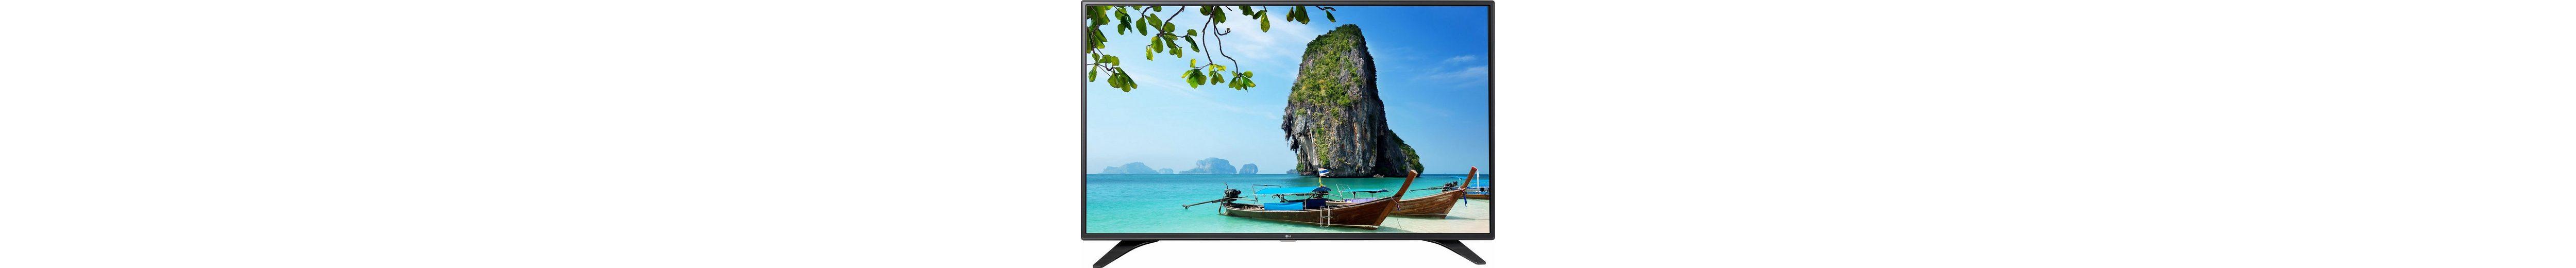 LG 32LH604V, LED Fernseher, 80 cm (32 Zoll), 1080p (Full HD), Smart-TV